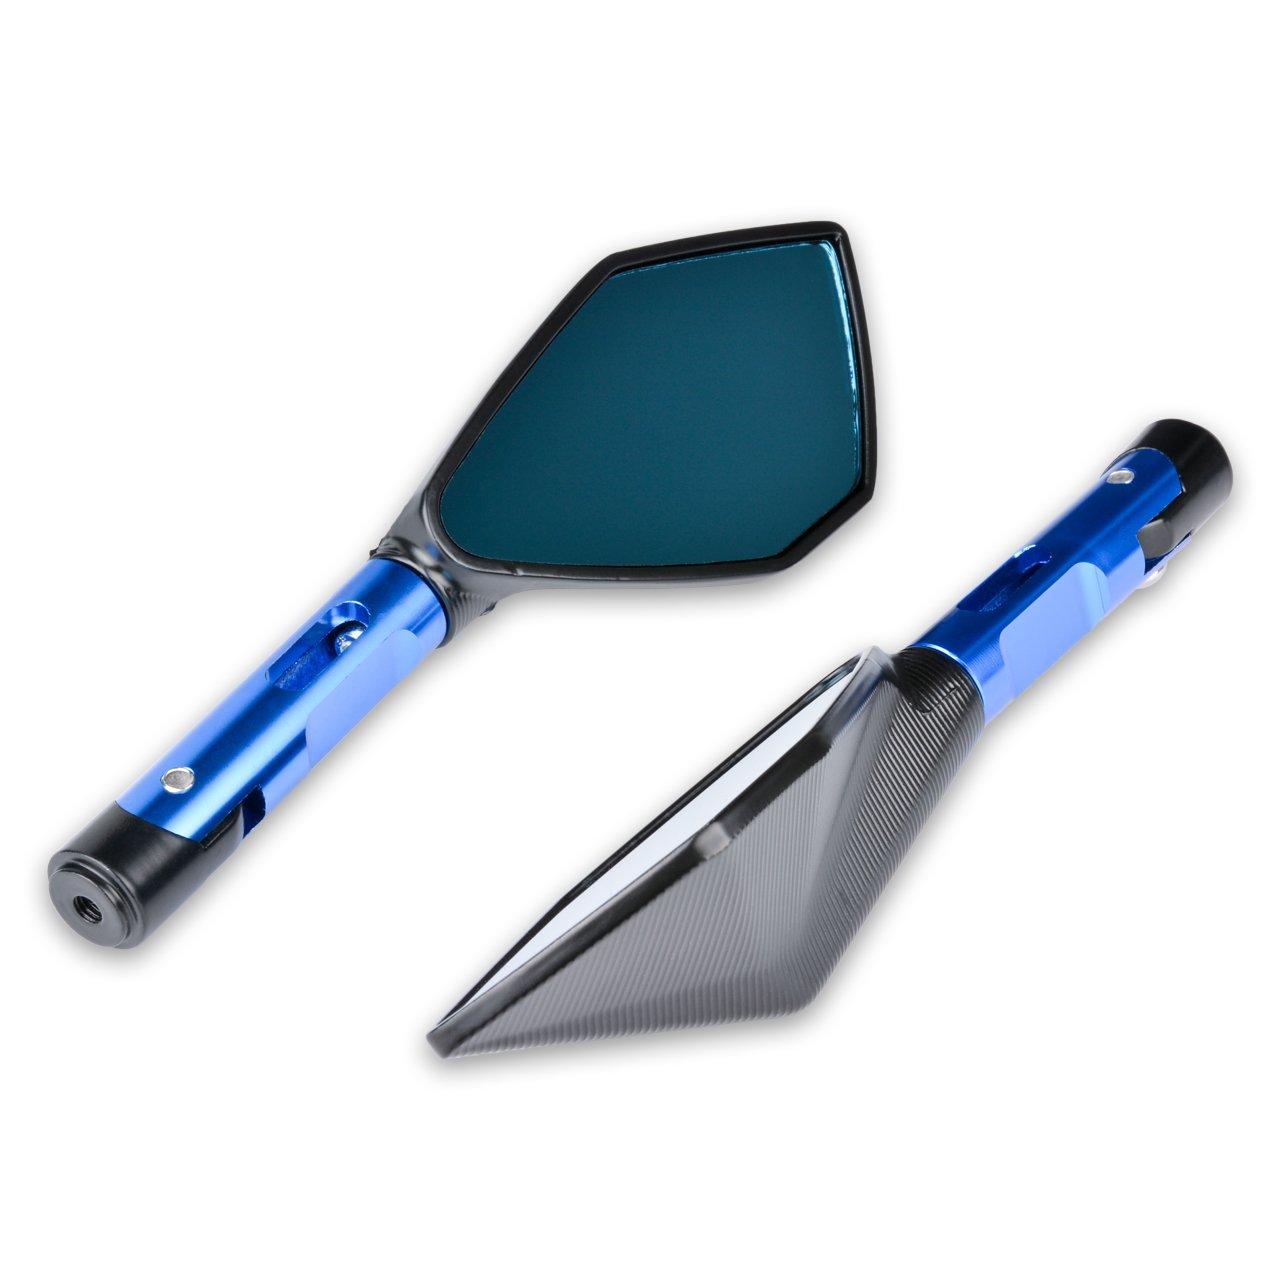 KATUR Specchi retrovisori Manubrio Moto Specchietto retrovisore Blu Moto Specchio Anti abbagliamento bluastri 8MM 10MM Bulloni filettati in Senso orario Supporti per Suzuki Honda Victory Chopper